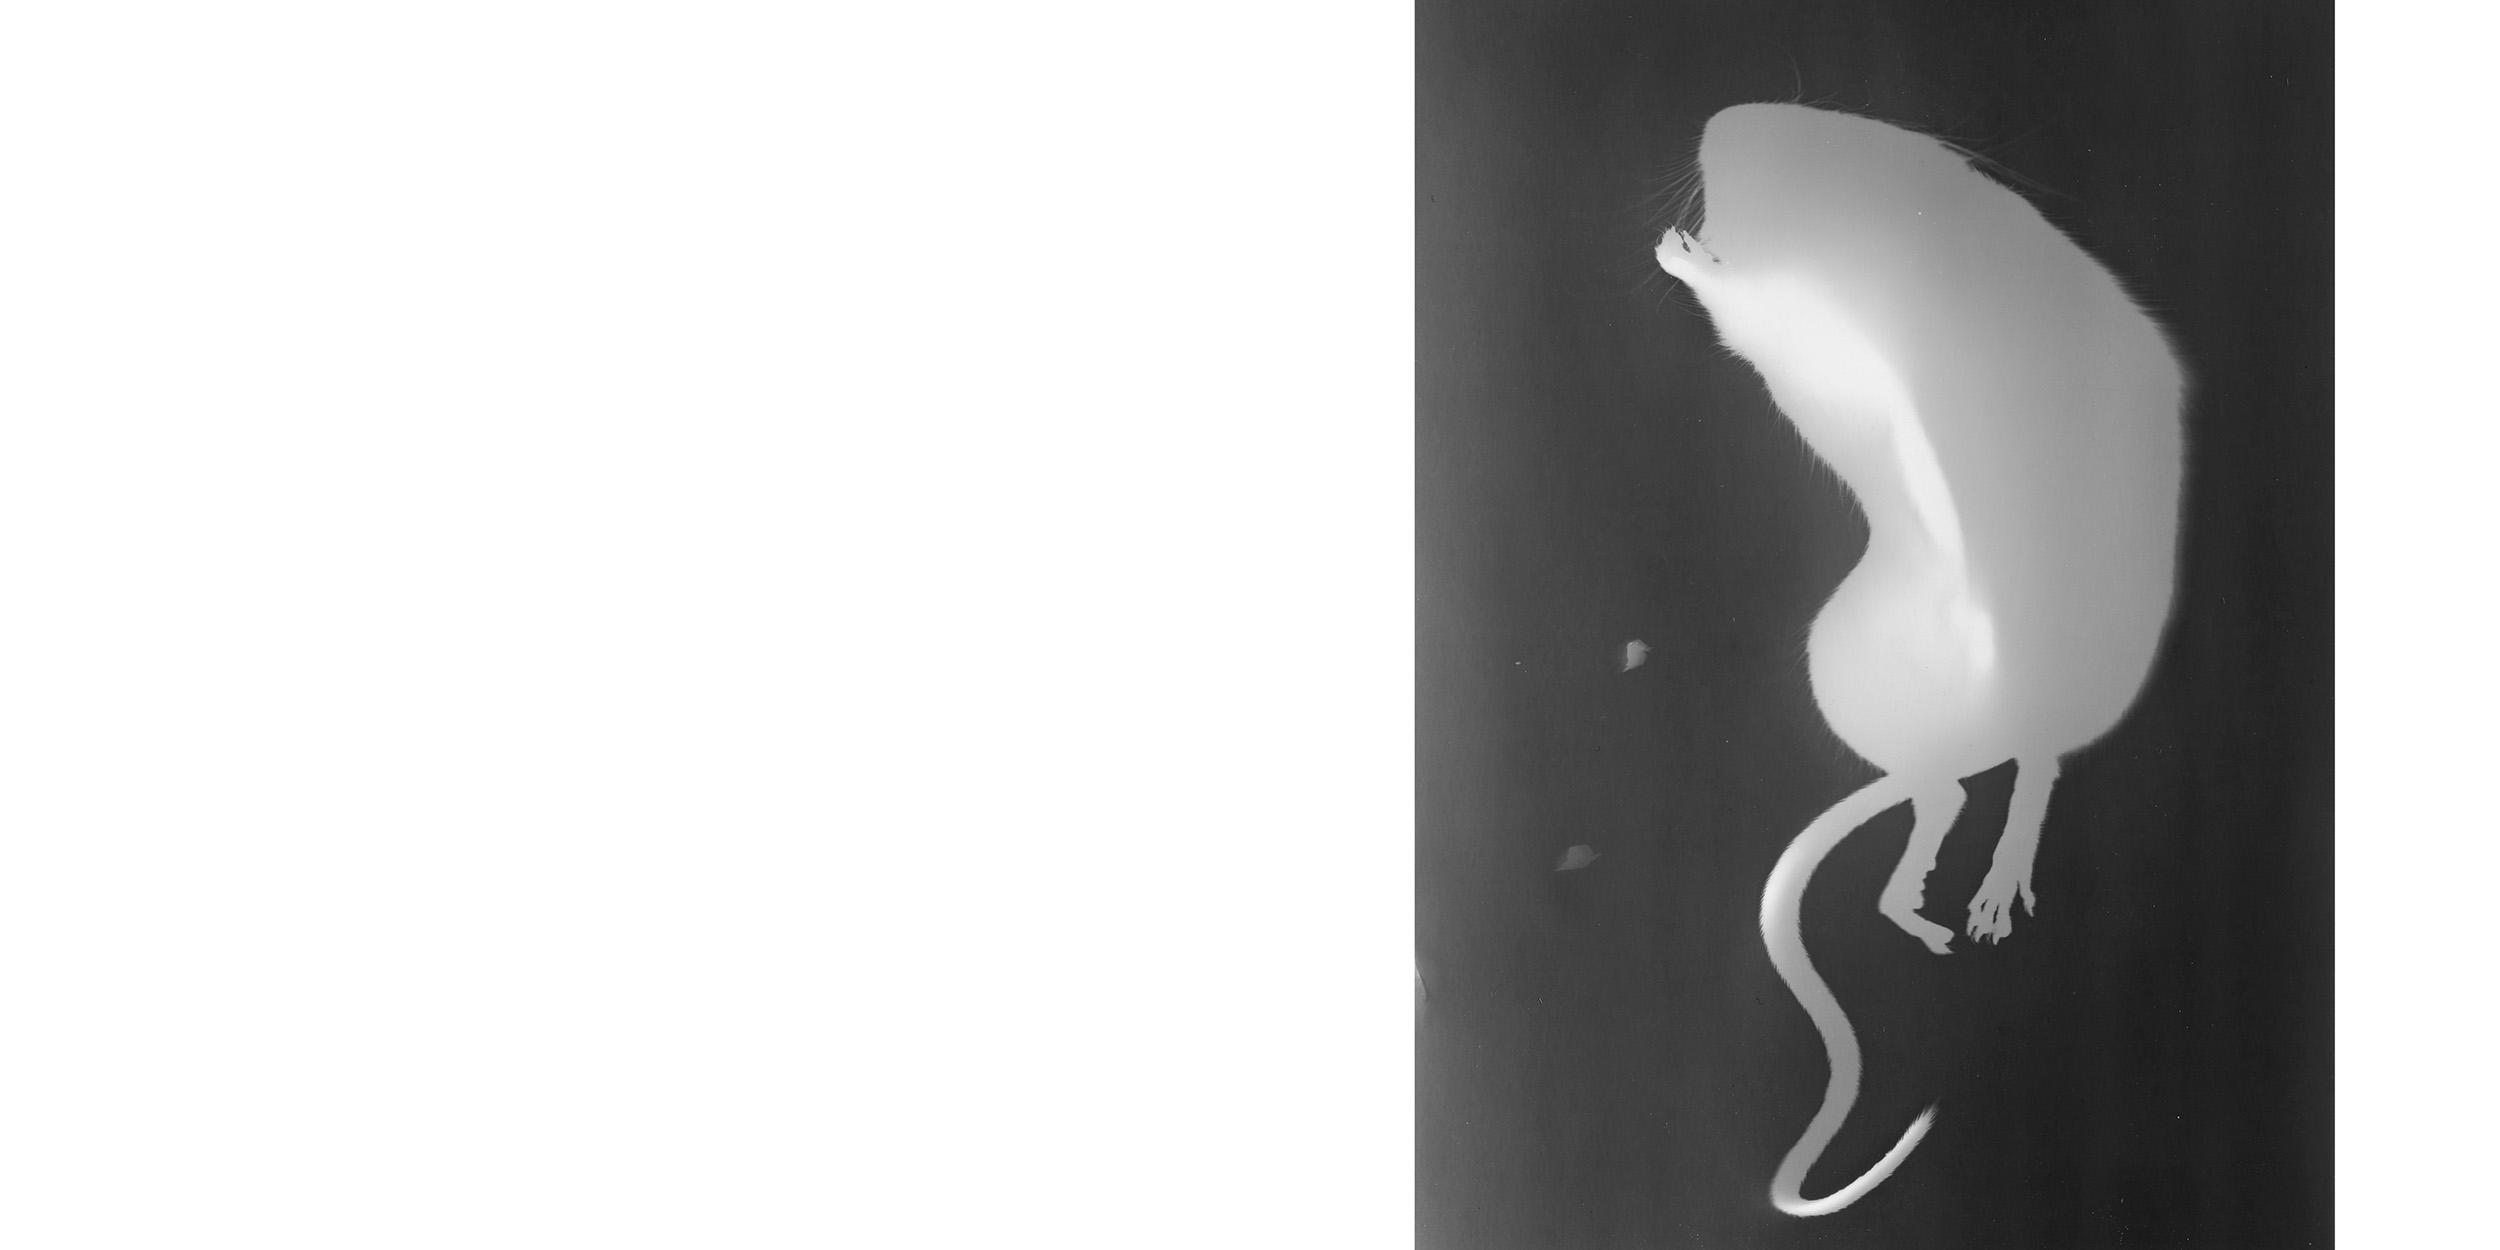 fotoskolen fatamorgana_48-49.jpg